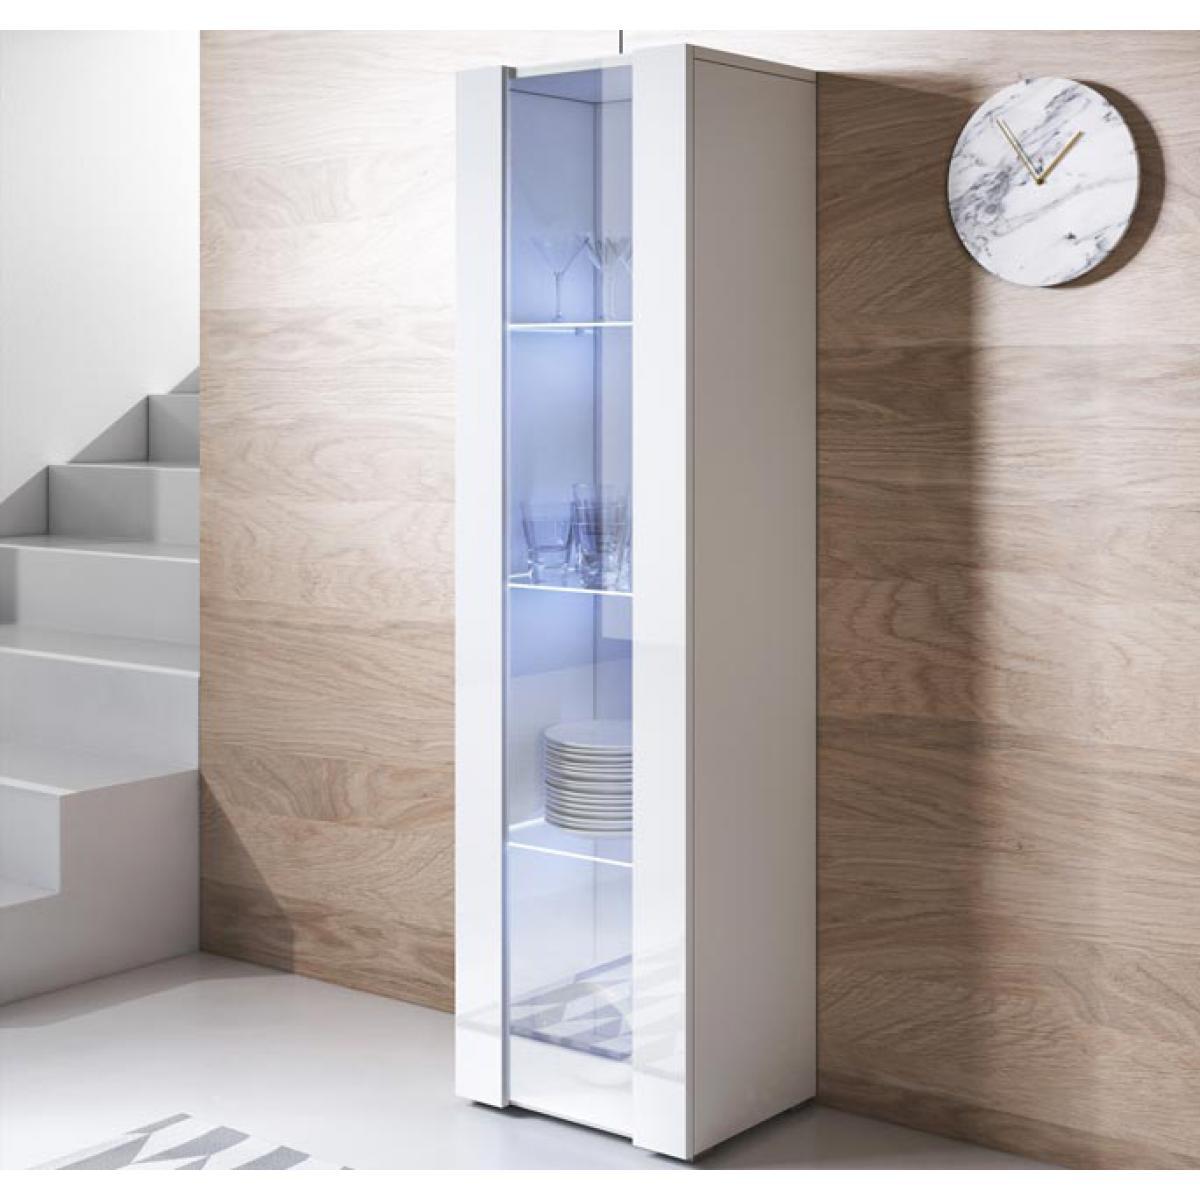 Design Ameublement Vitrine modèle Luke V5 (40x167cm) couleur blanc avec pieds standard